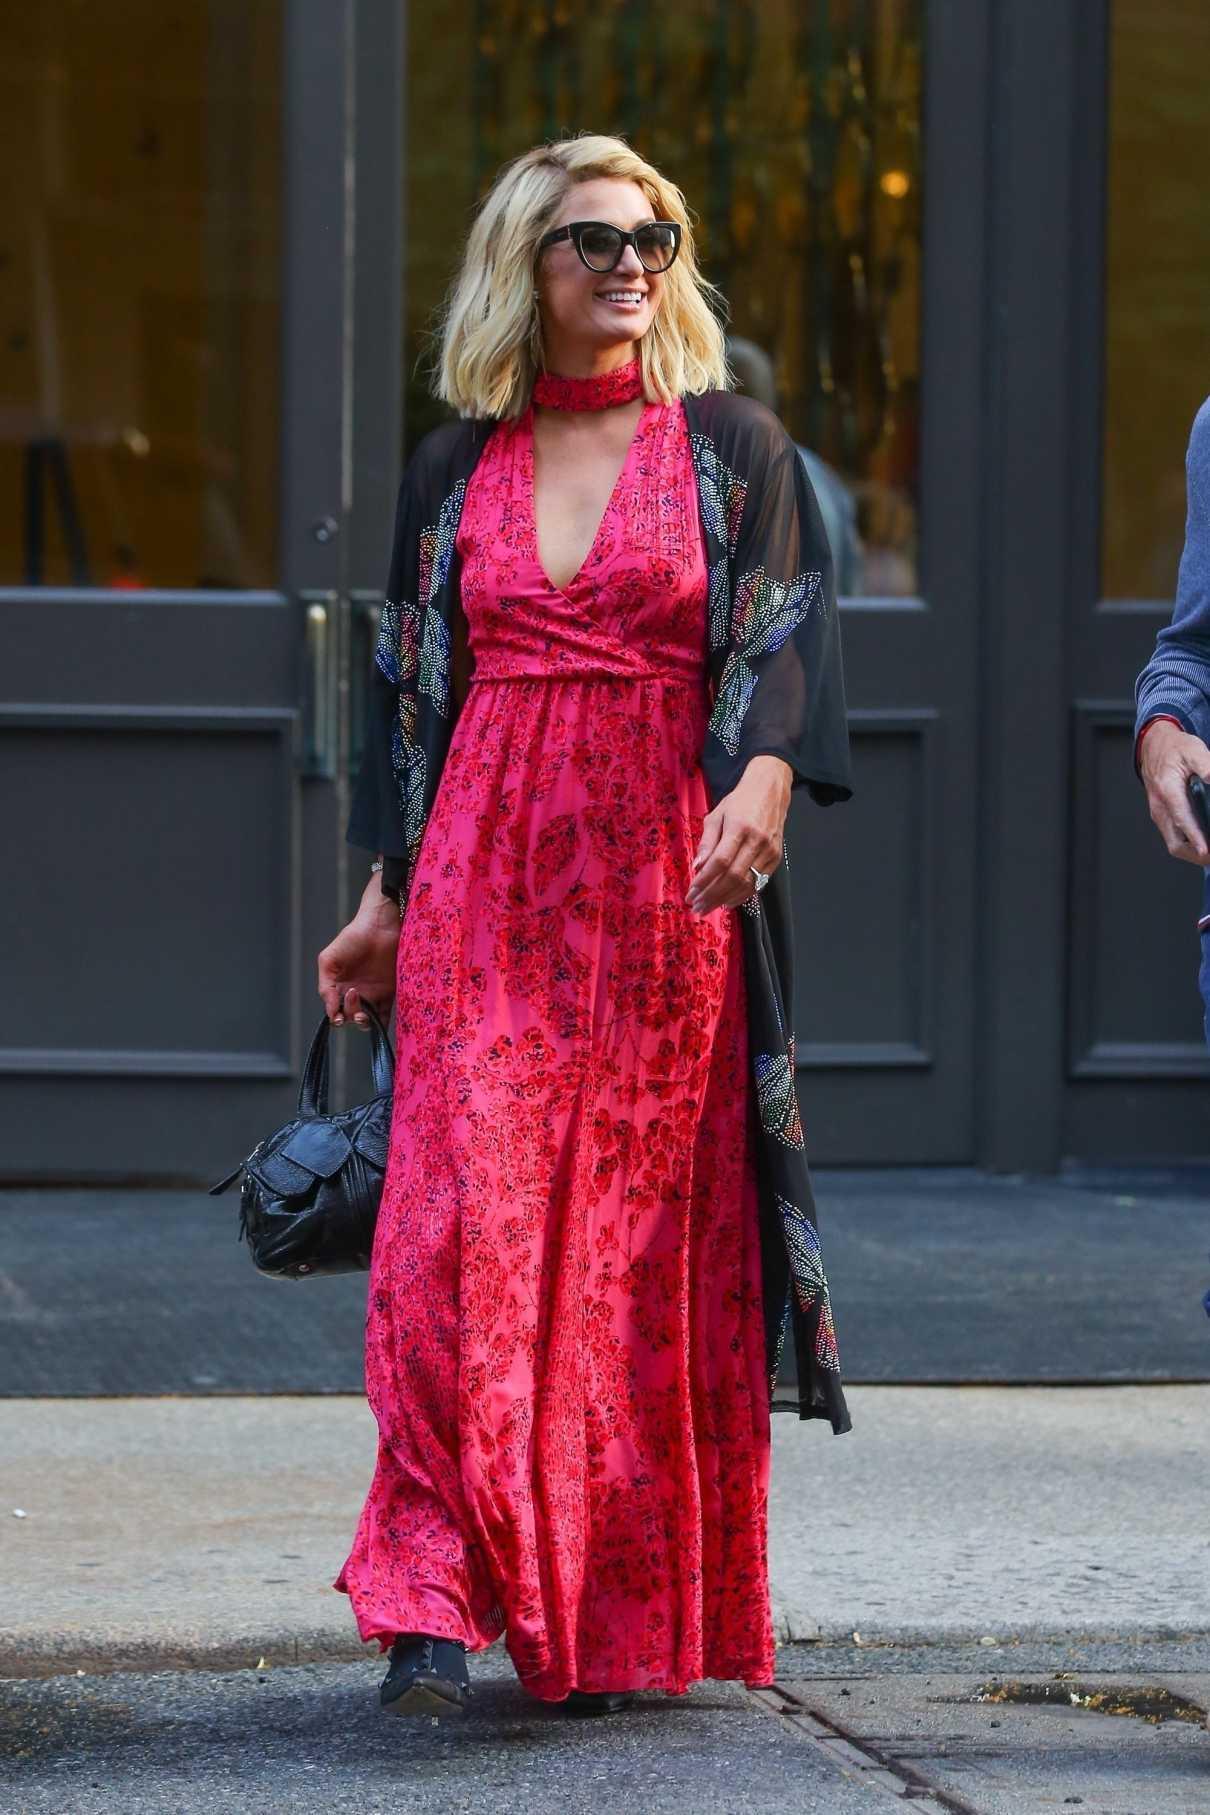 Paris Hilton in a Red Floral Dress